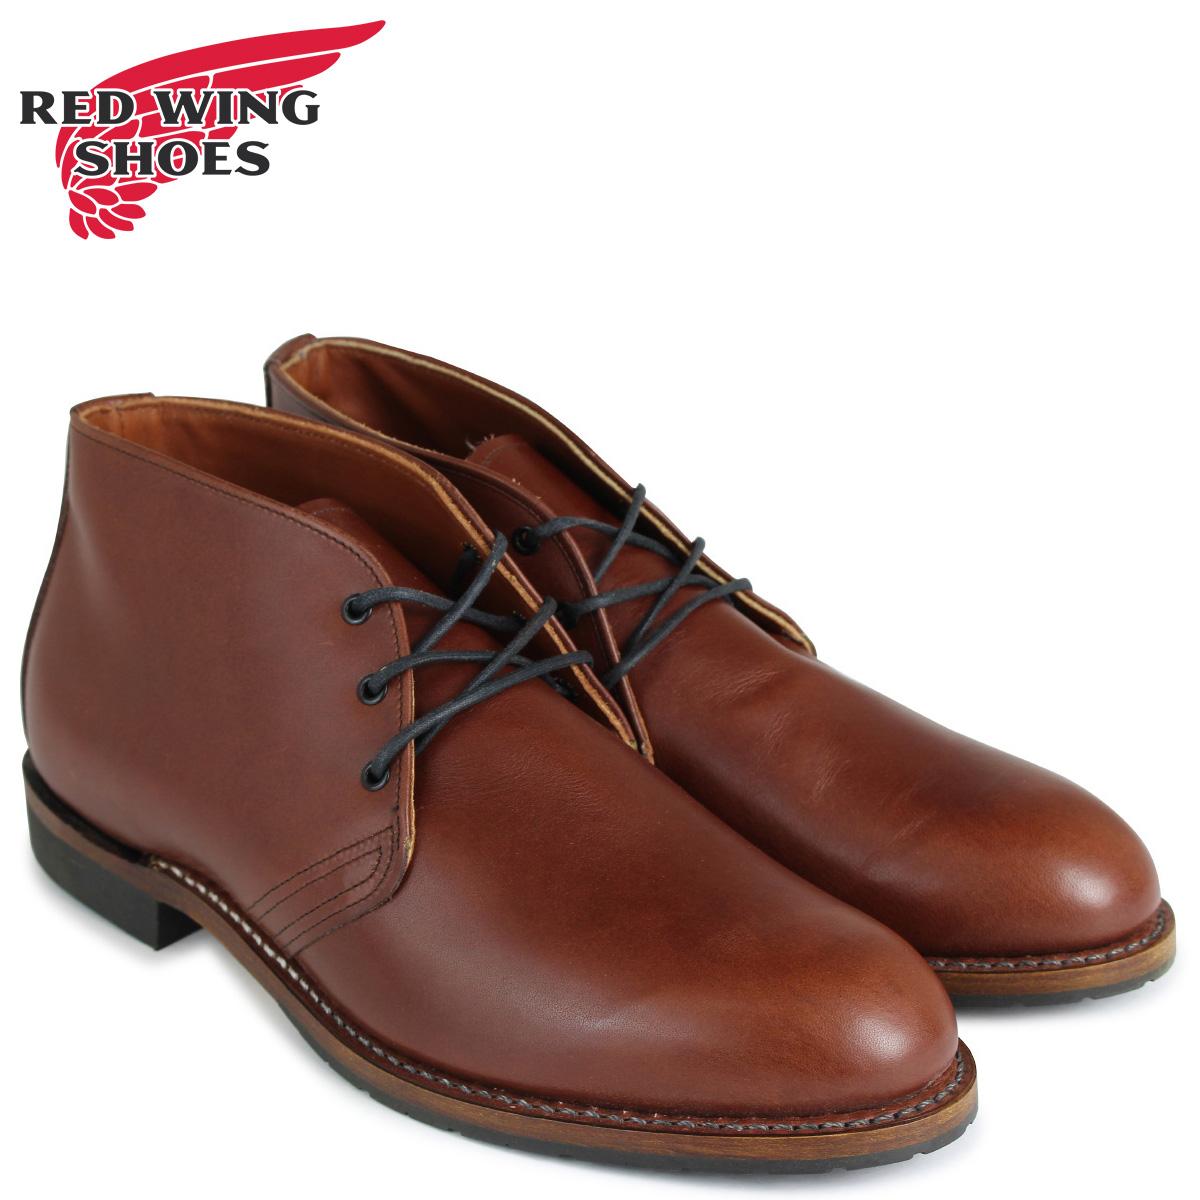 レッドウィング RED ブラウン WING ベックマン BECKMAN ブーツ メンズ BECKMAN CHUKKA 9048 メンズ ブラウン, エビノシ:e5b7ffa0 --- ww.thecollagist.com